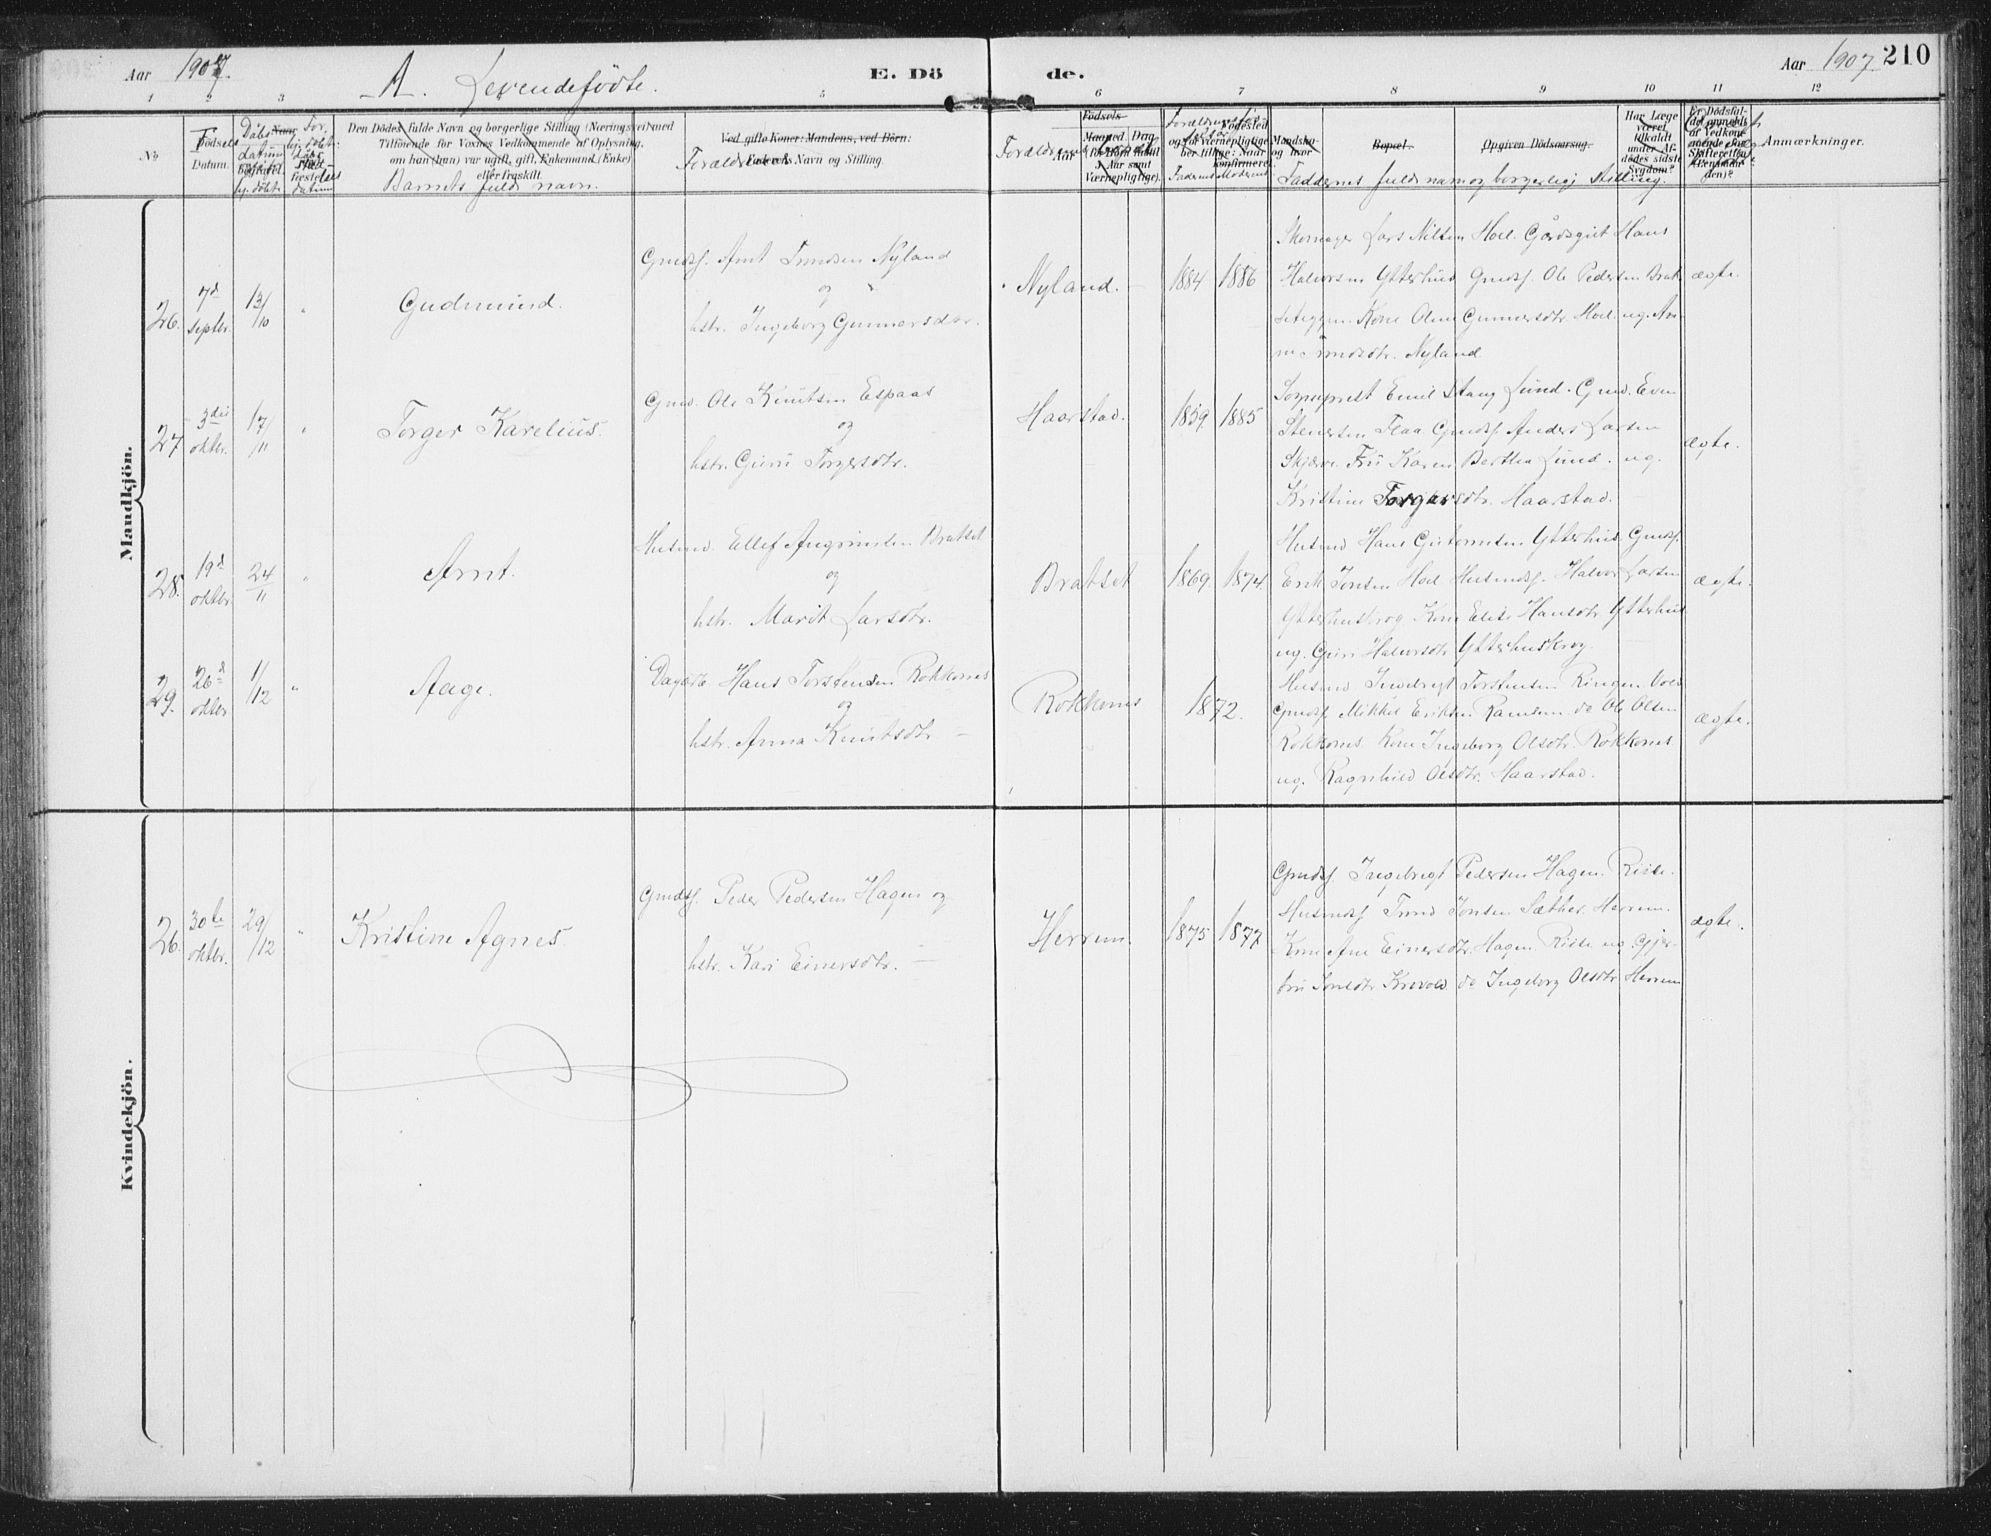 SAT, Ministerialprotokoller, klokkerbøker og fødselsregistre - Sør-Trøndelag, 674/L0872: Ministerialbok nr. 674A04, 1897-1907, s. 210